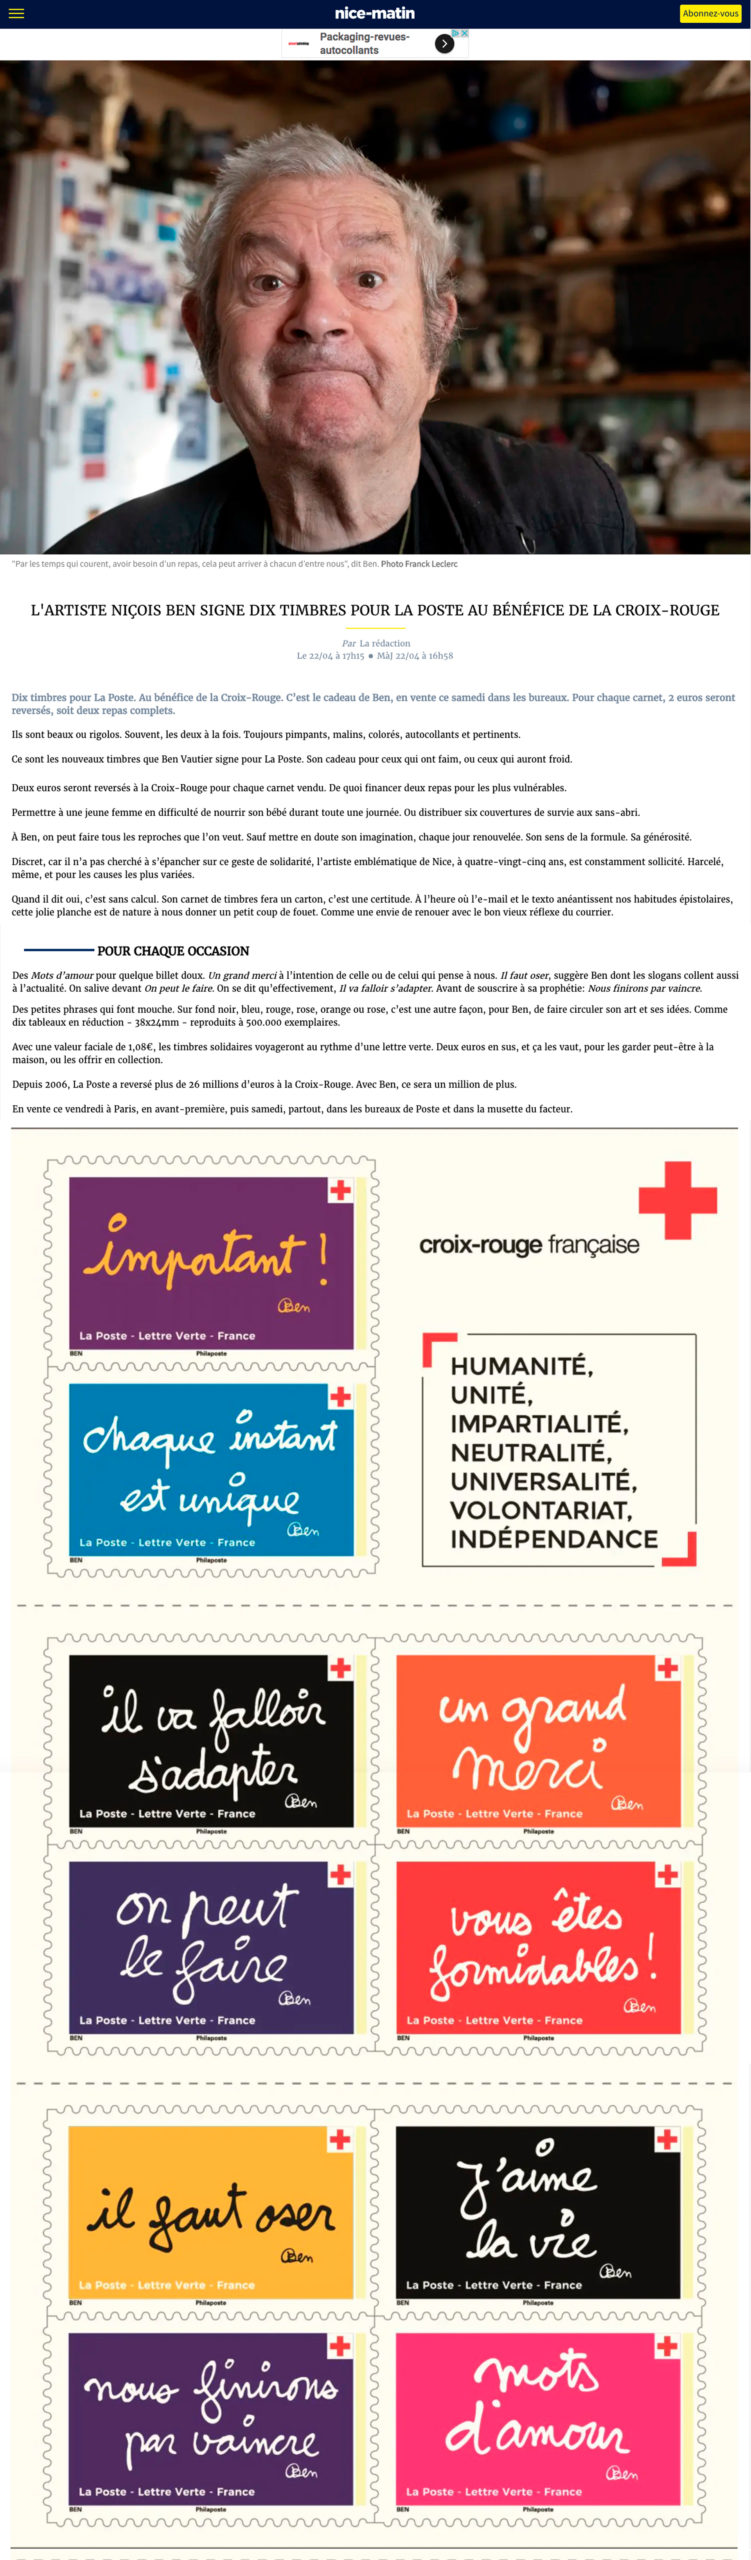 L'artiste niçois Ben signe dix timbres pour La Poste au profit de la Croix-Rouge française